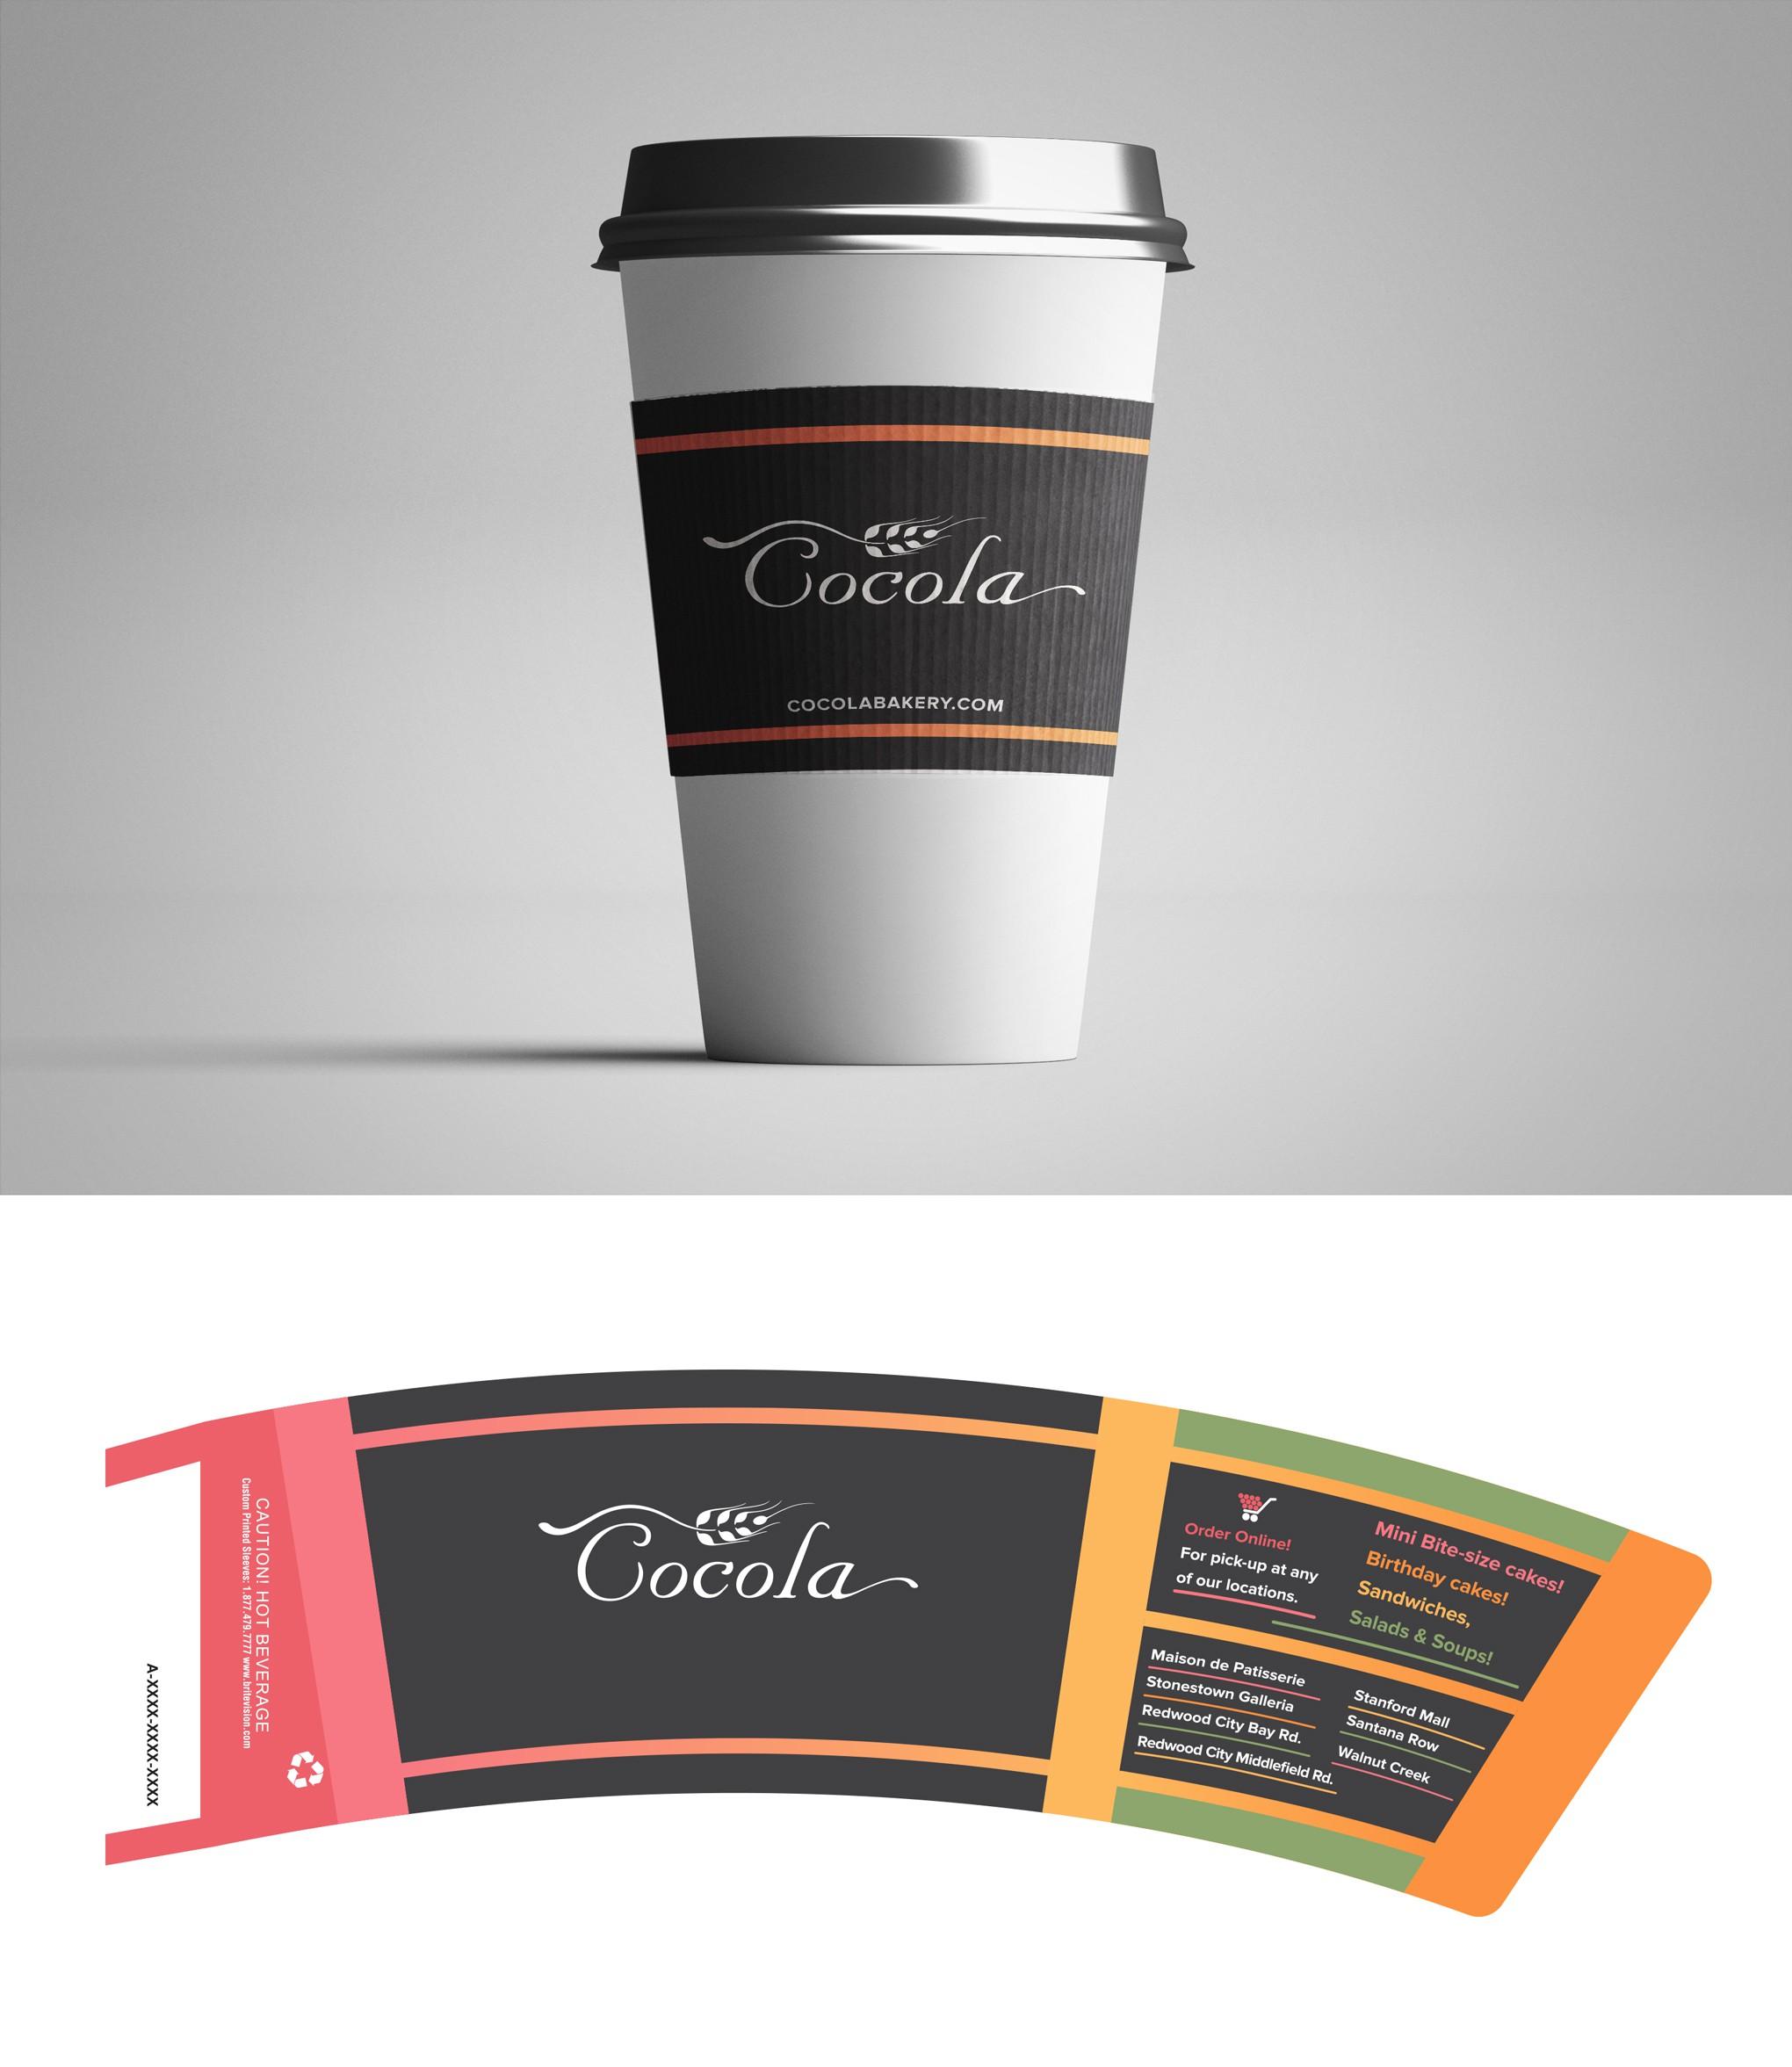 New Coffee Sleeve design needed